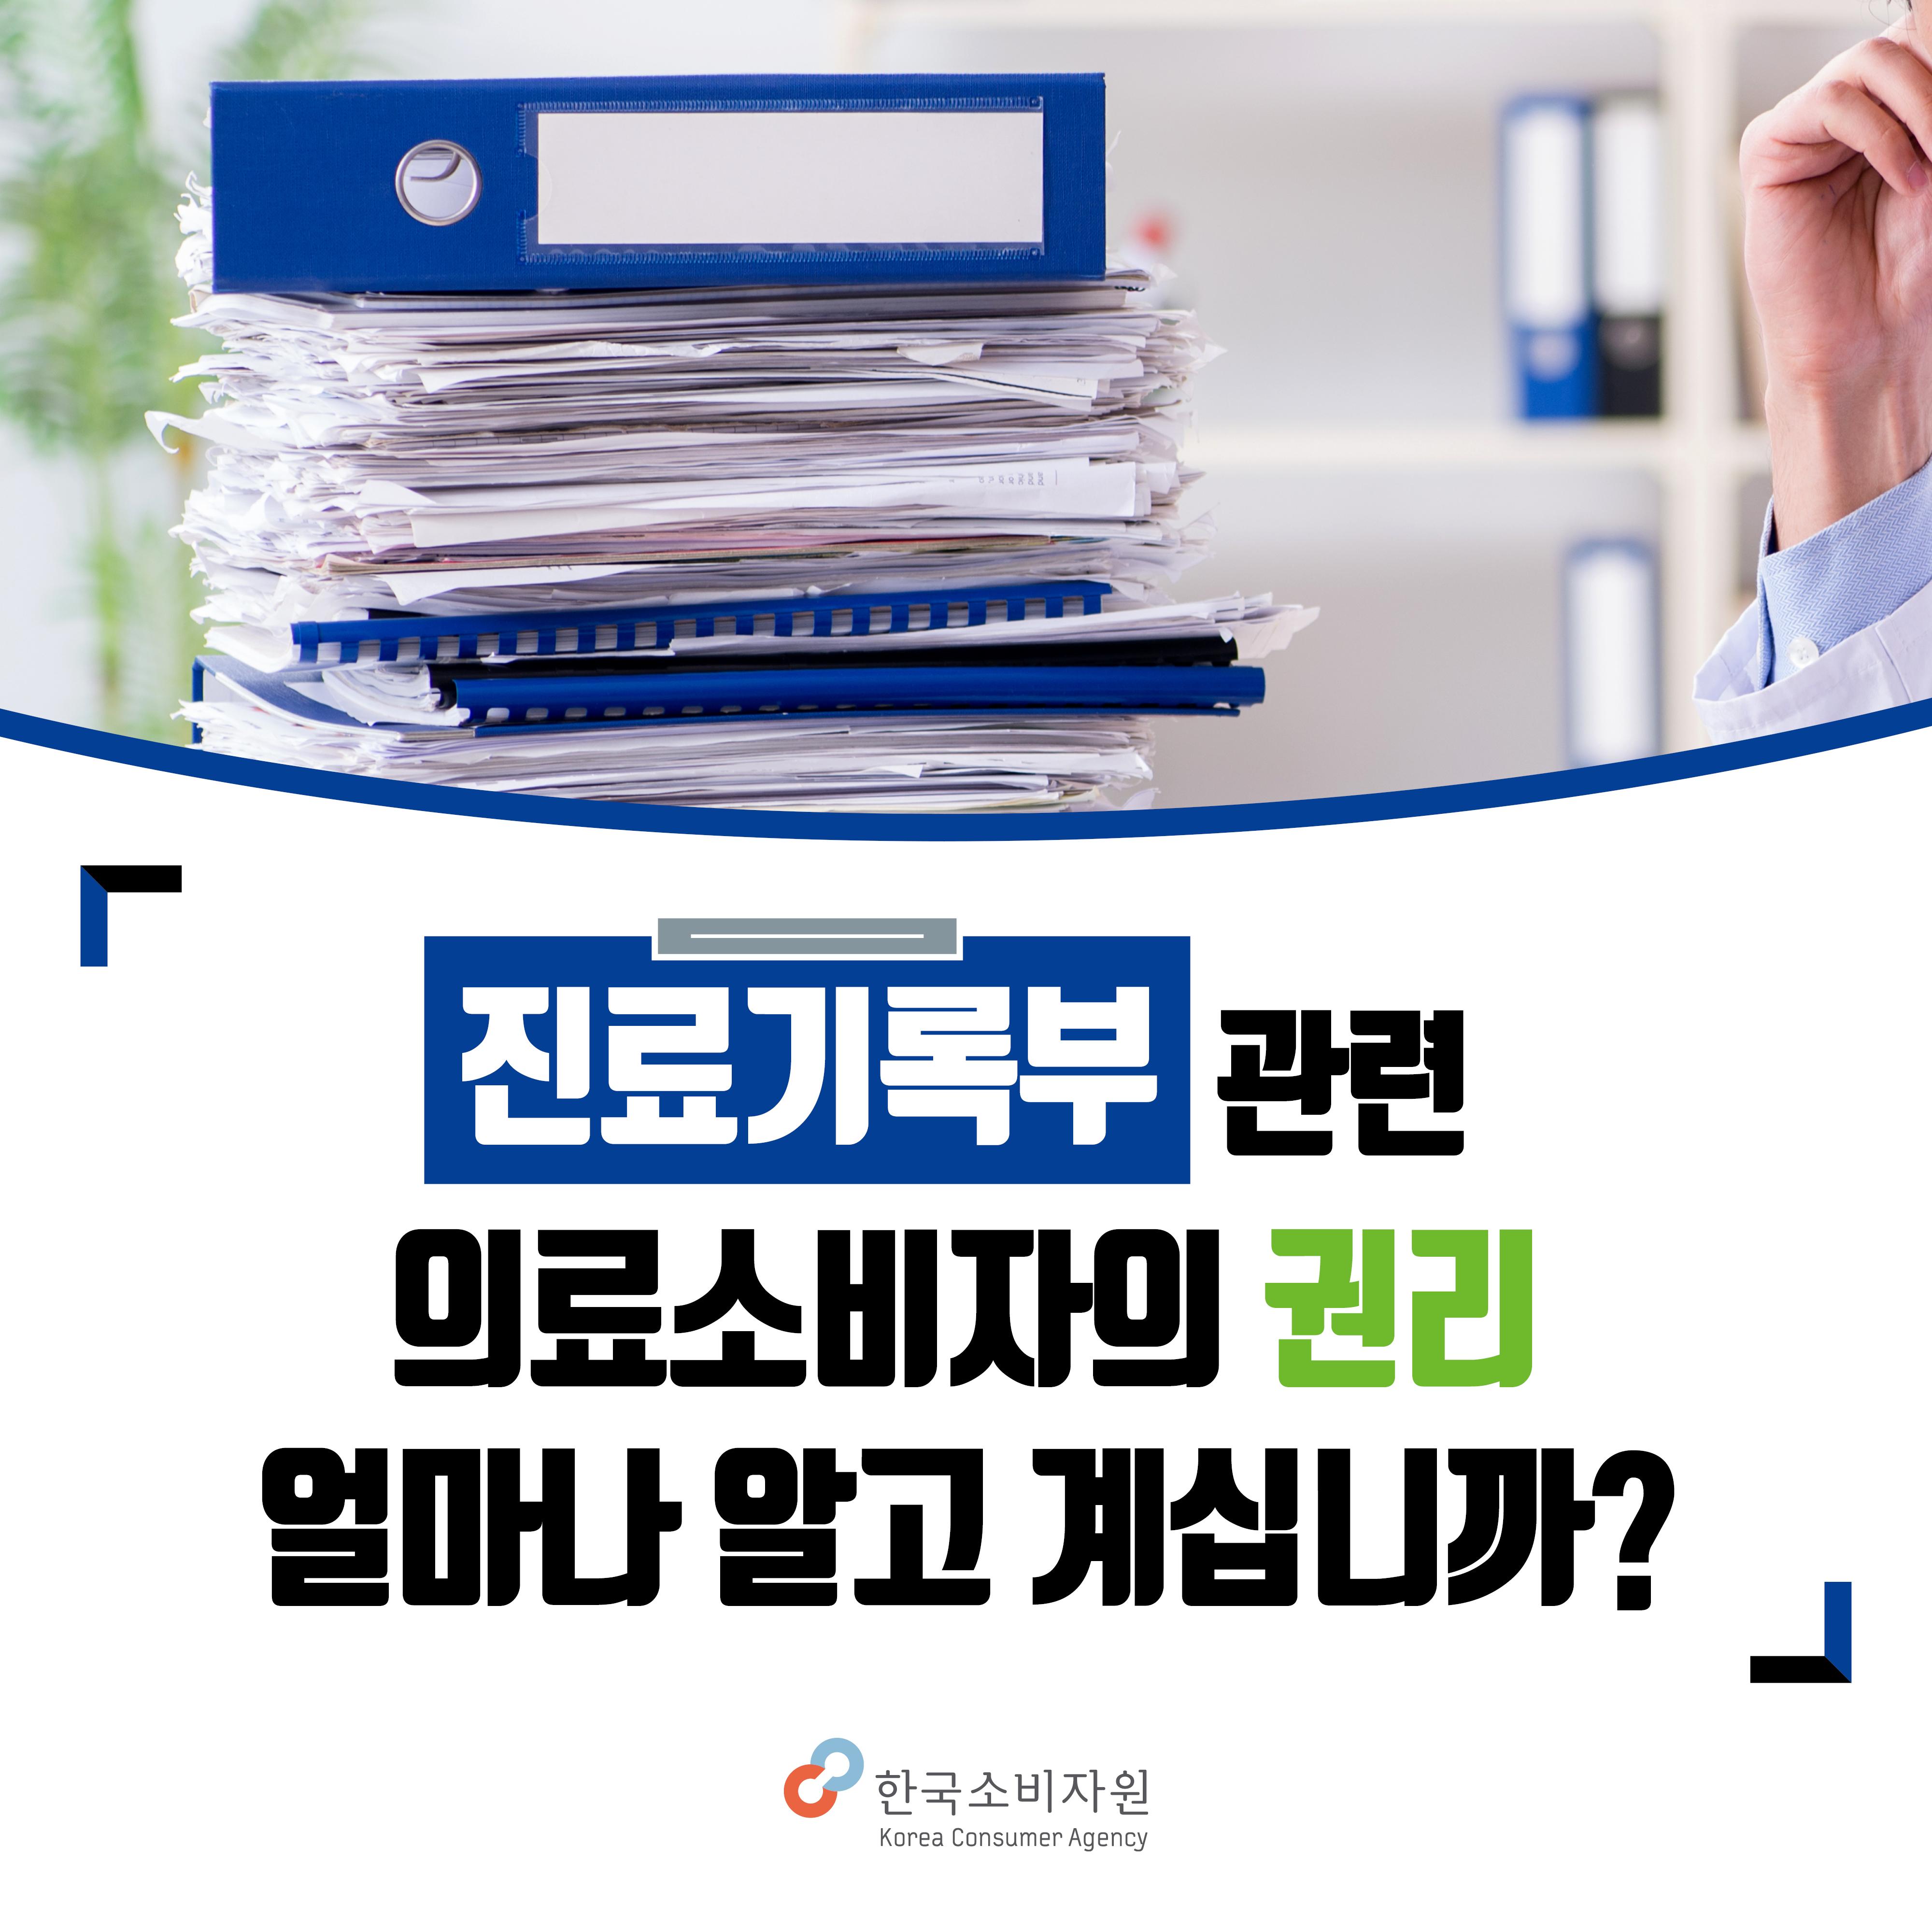 진료기록부 관련 의료소비자의 권리 얼마나 알고 계십니까? 한국소비자원 Korea Consumer Agency